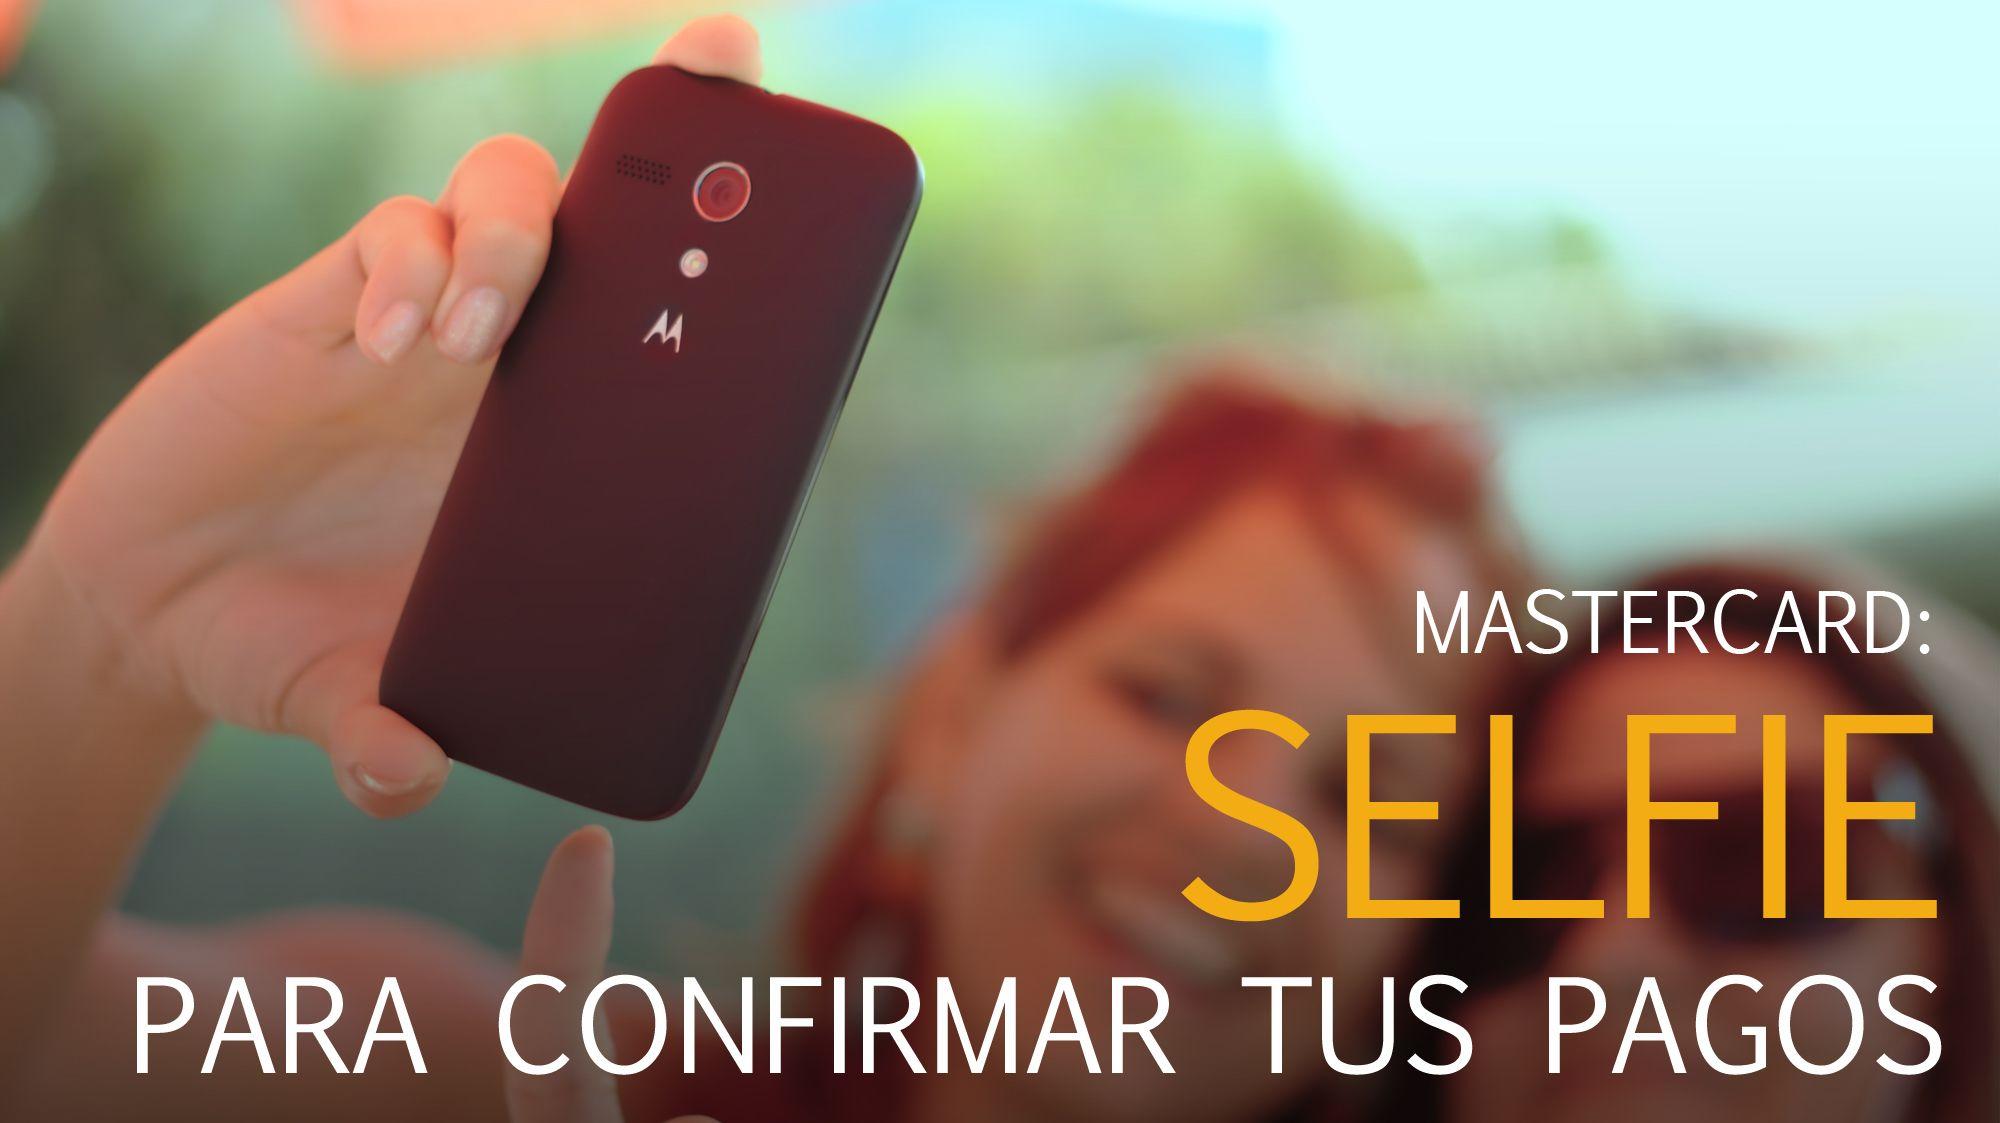 confirmar tus pagos en Mastercard con un selfie